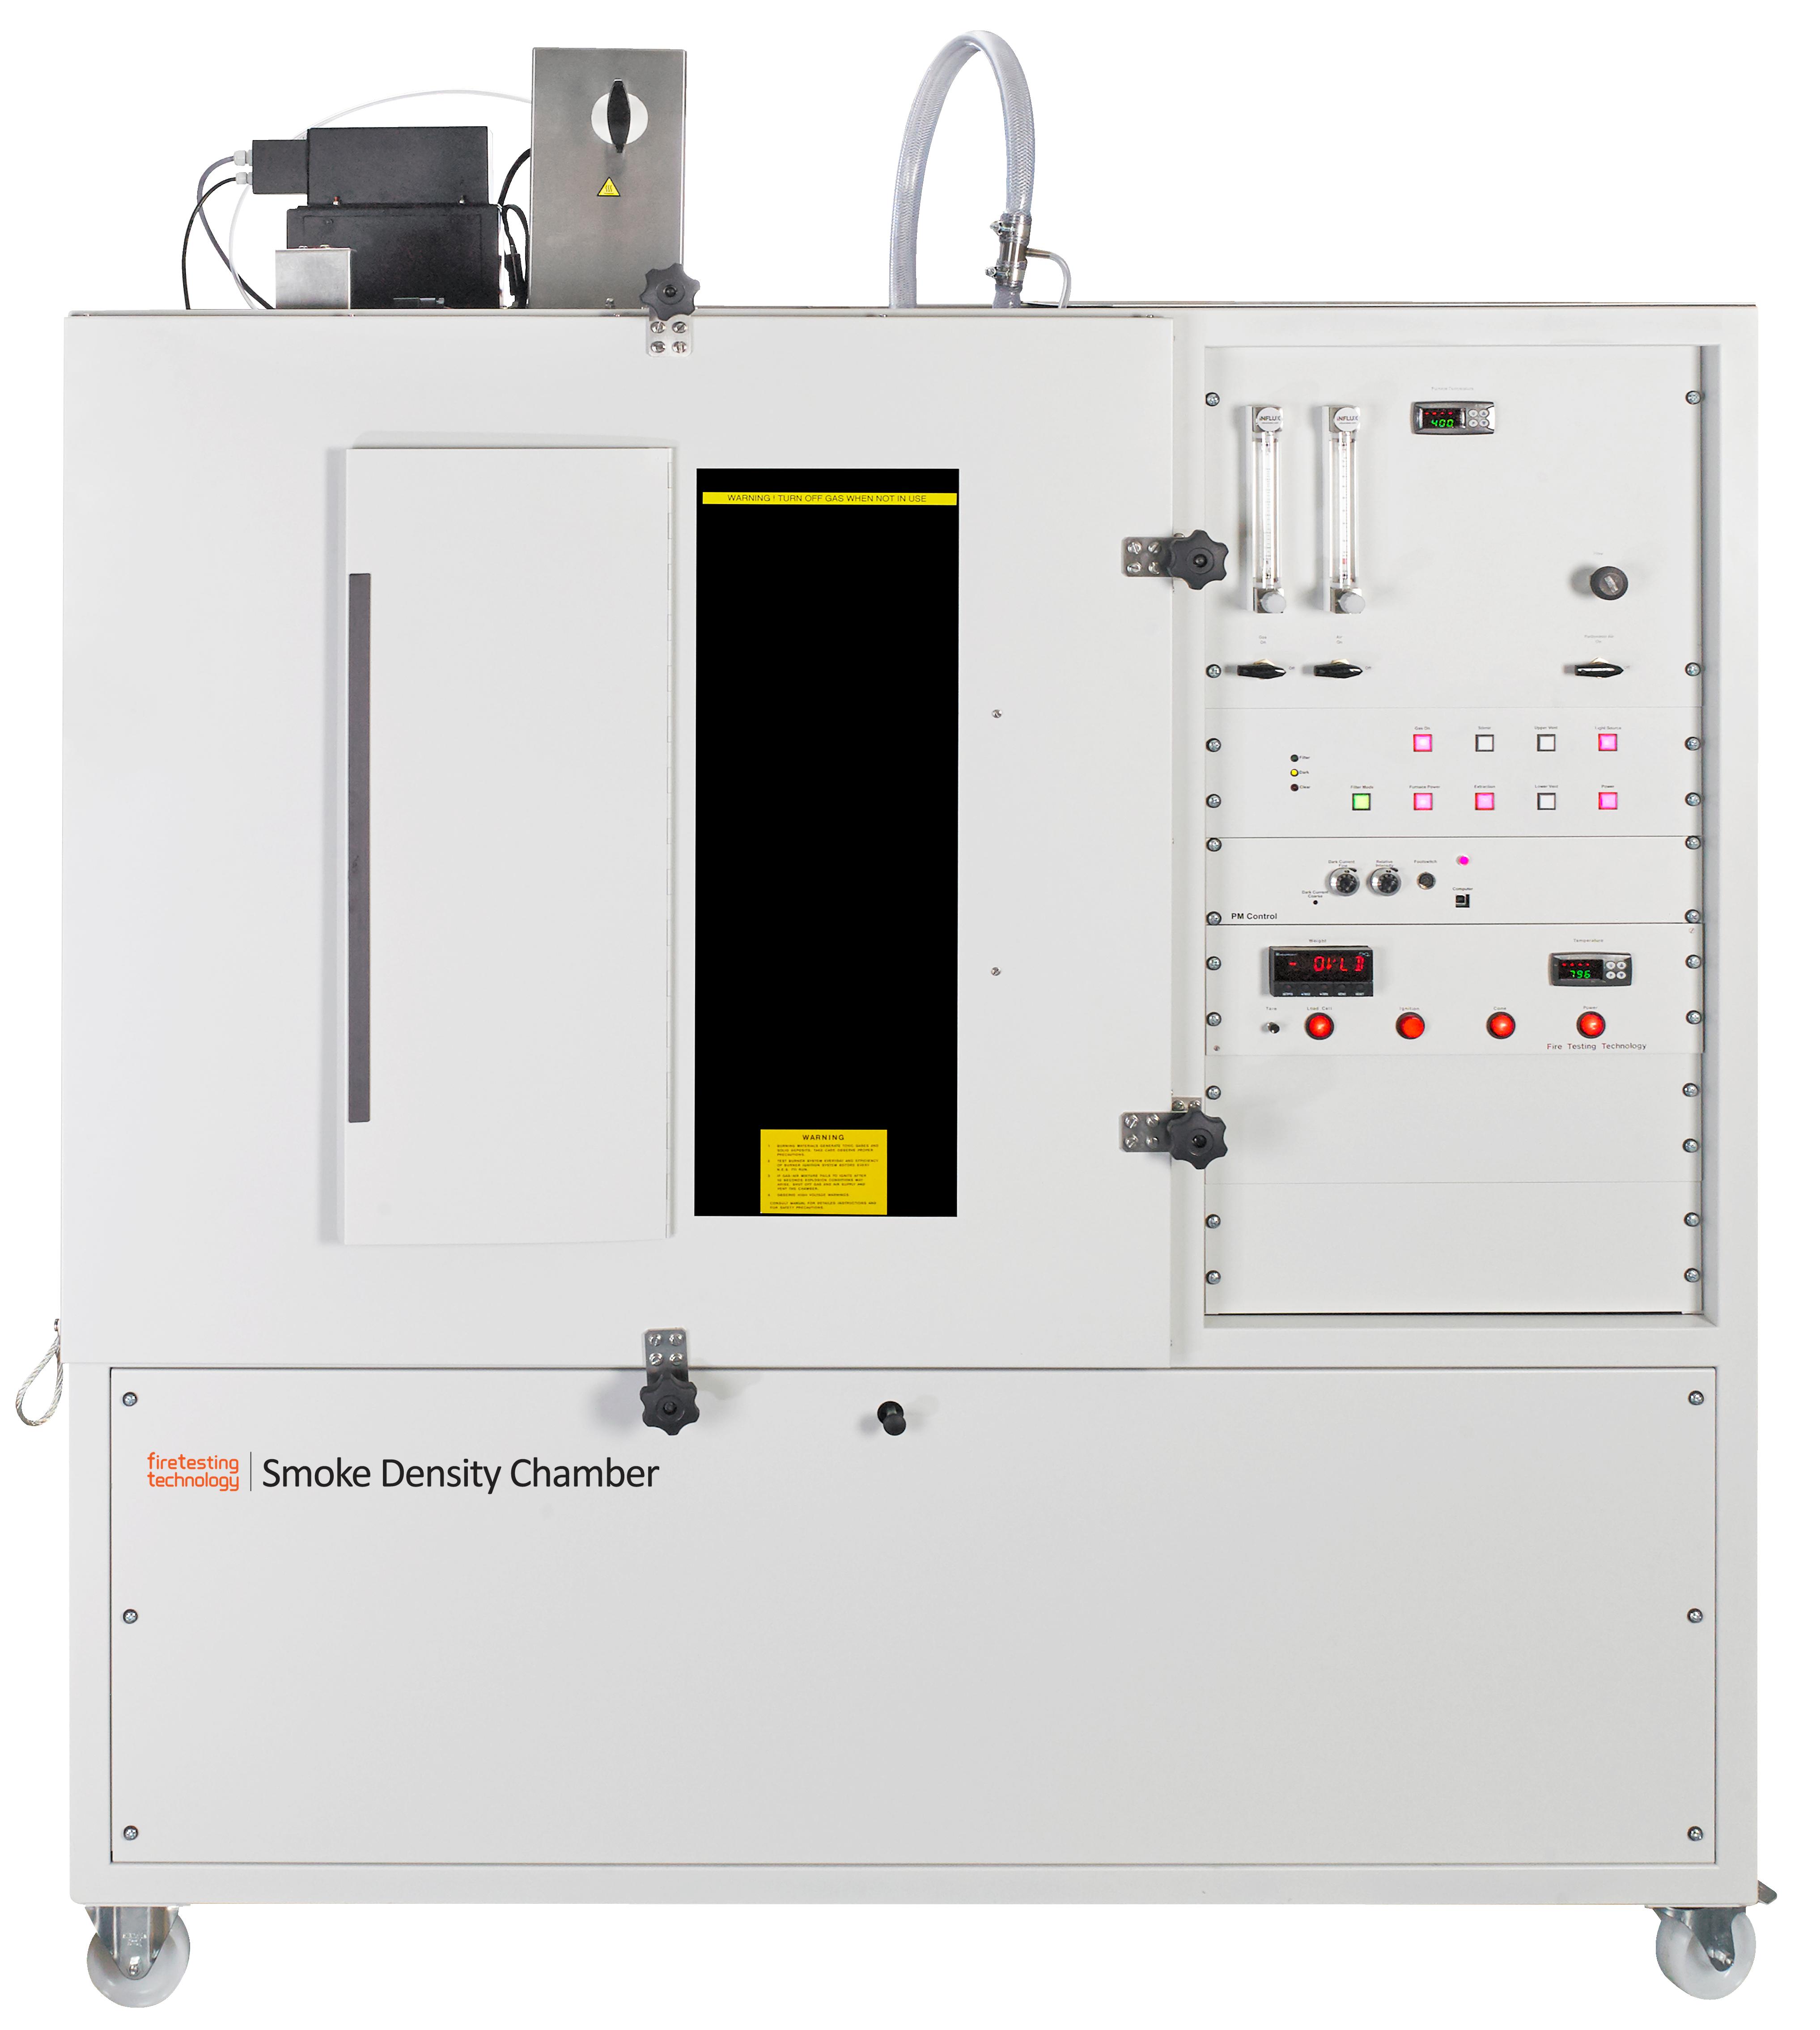 ASTM E662 Smoke Density Chamber